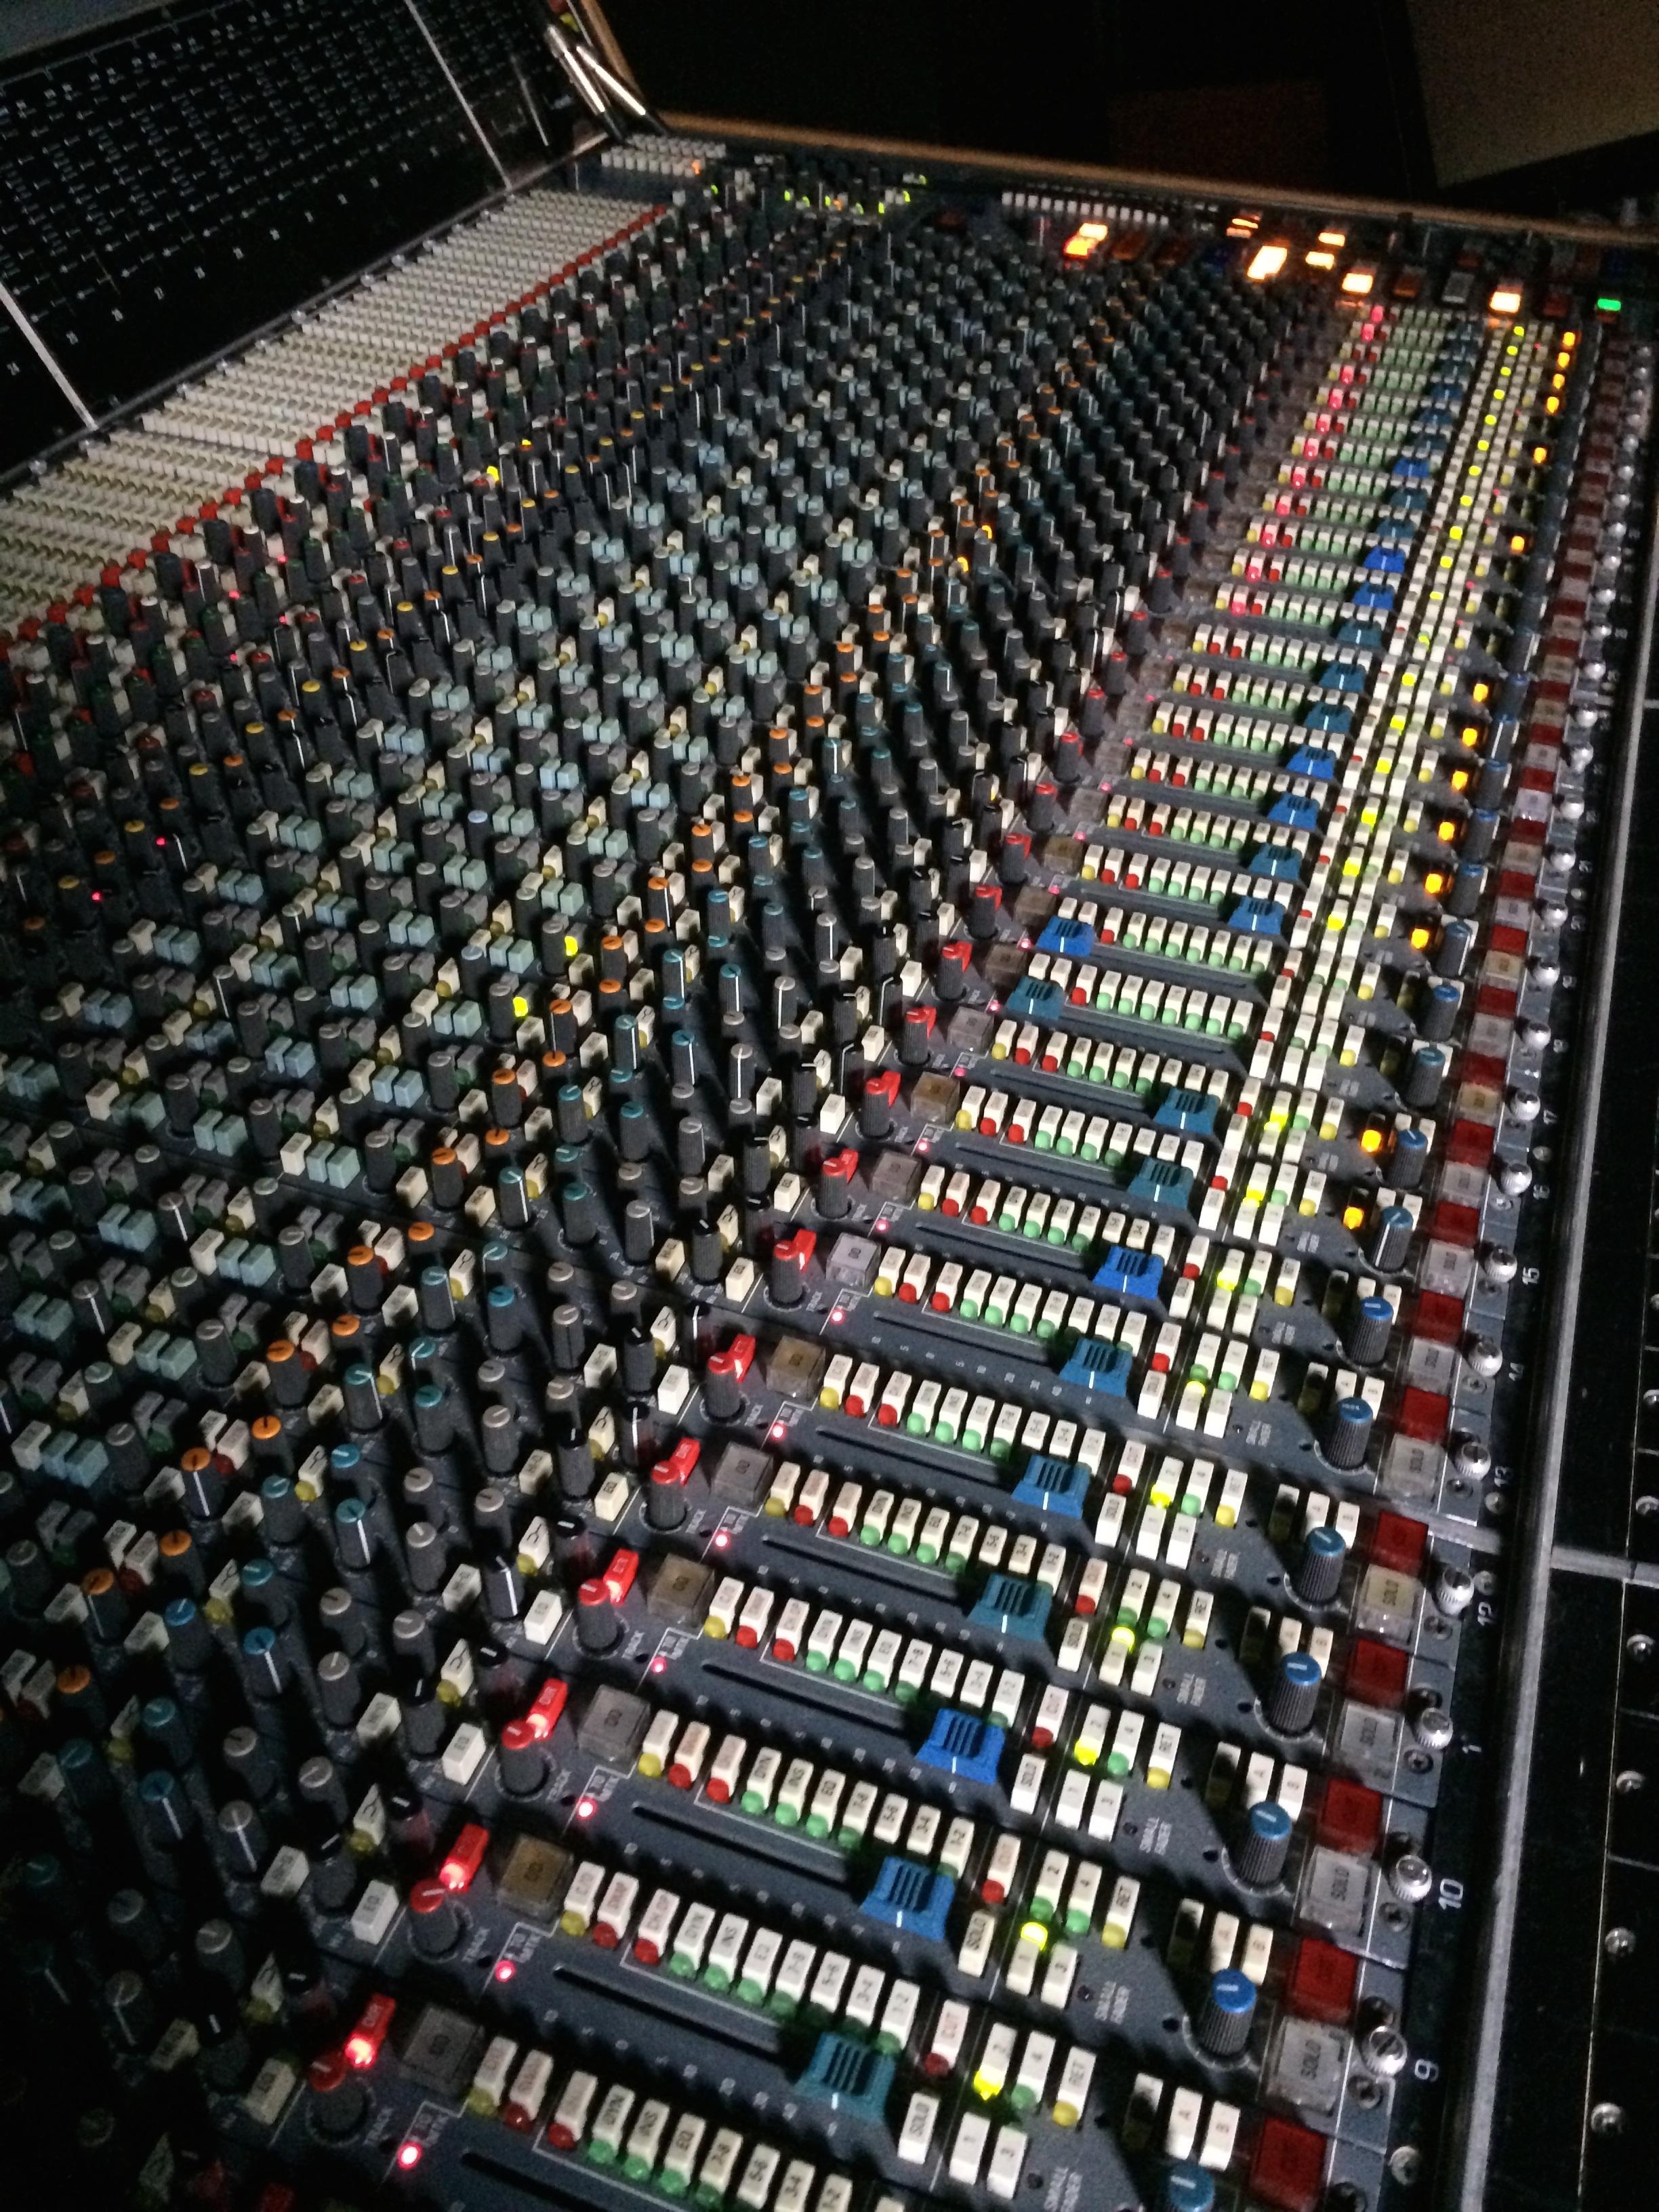 Программа звукорежиссер скачать бесплатно